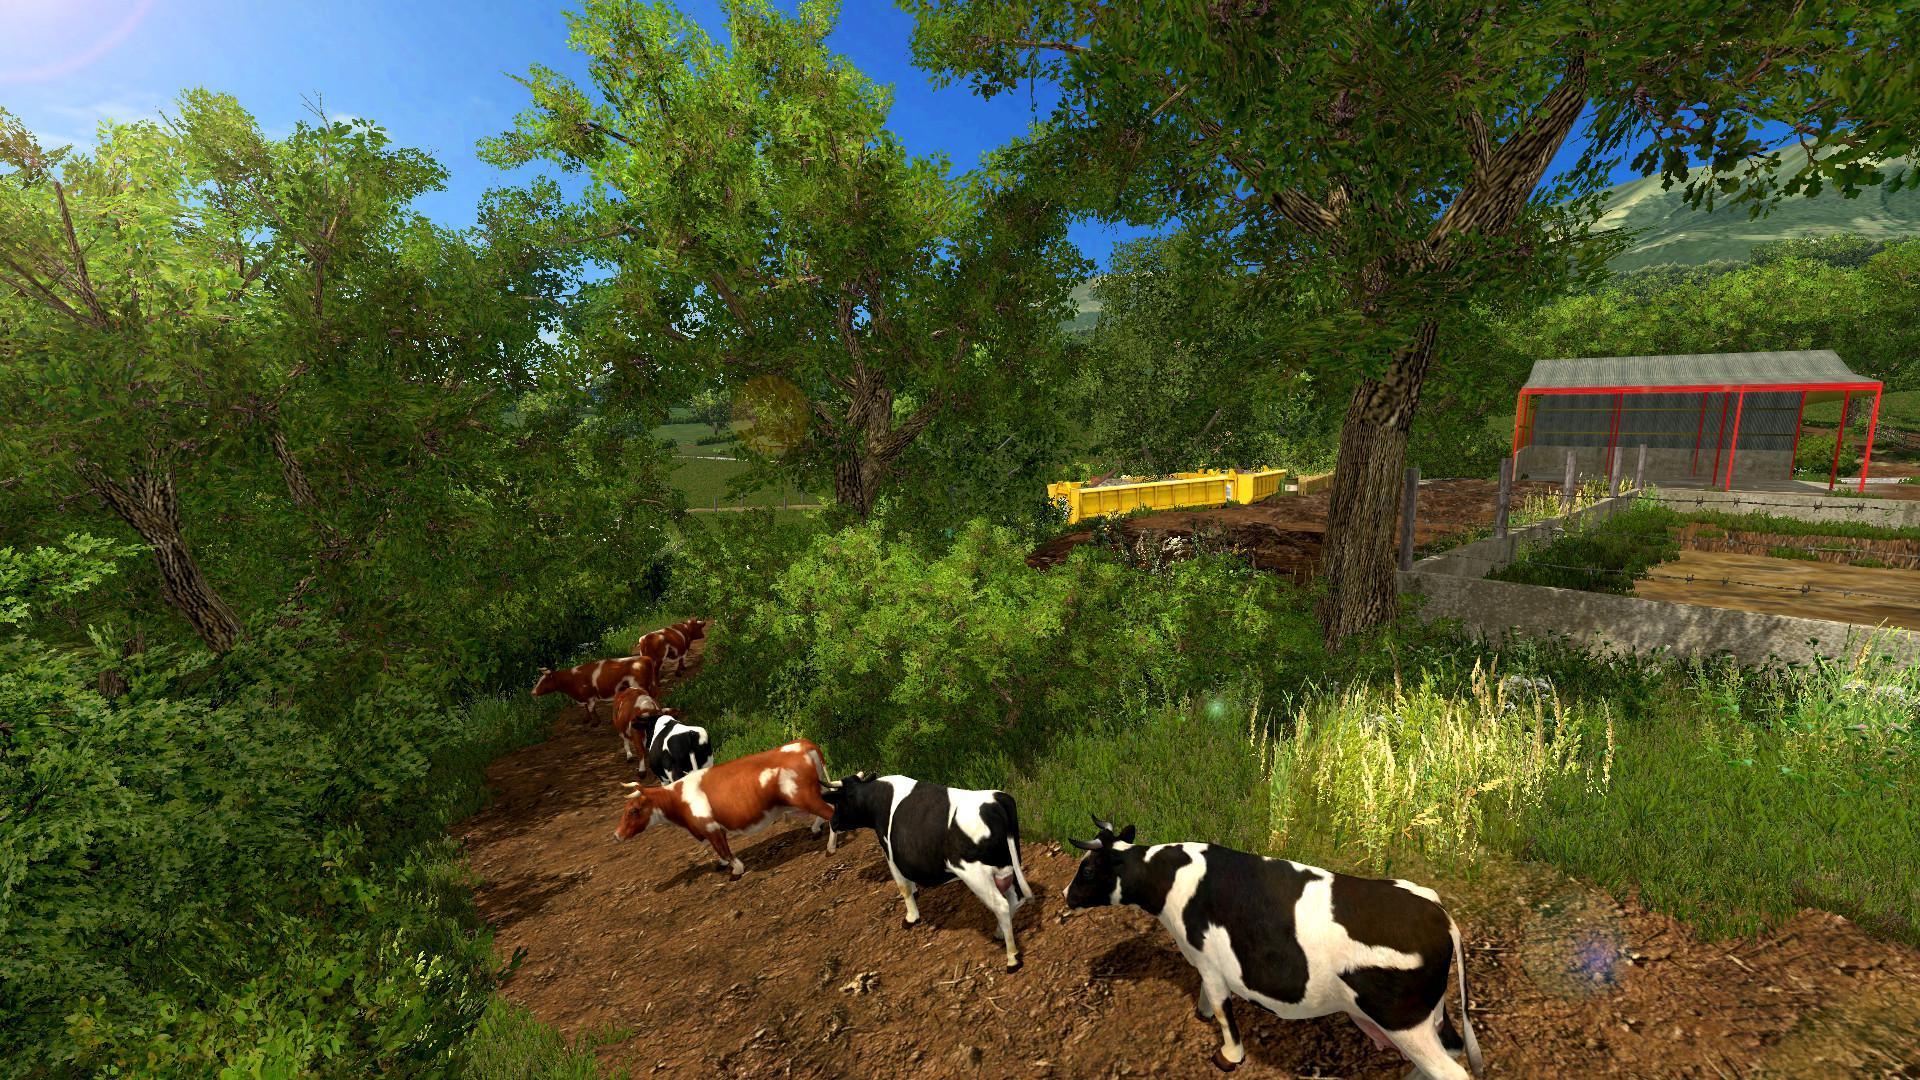 Knaveswell Farm V Modhubus - Farming simulator 2015 us map feed cows